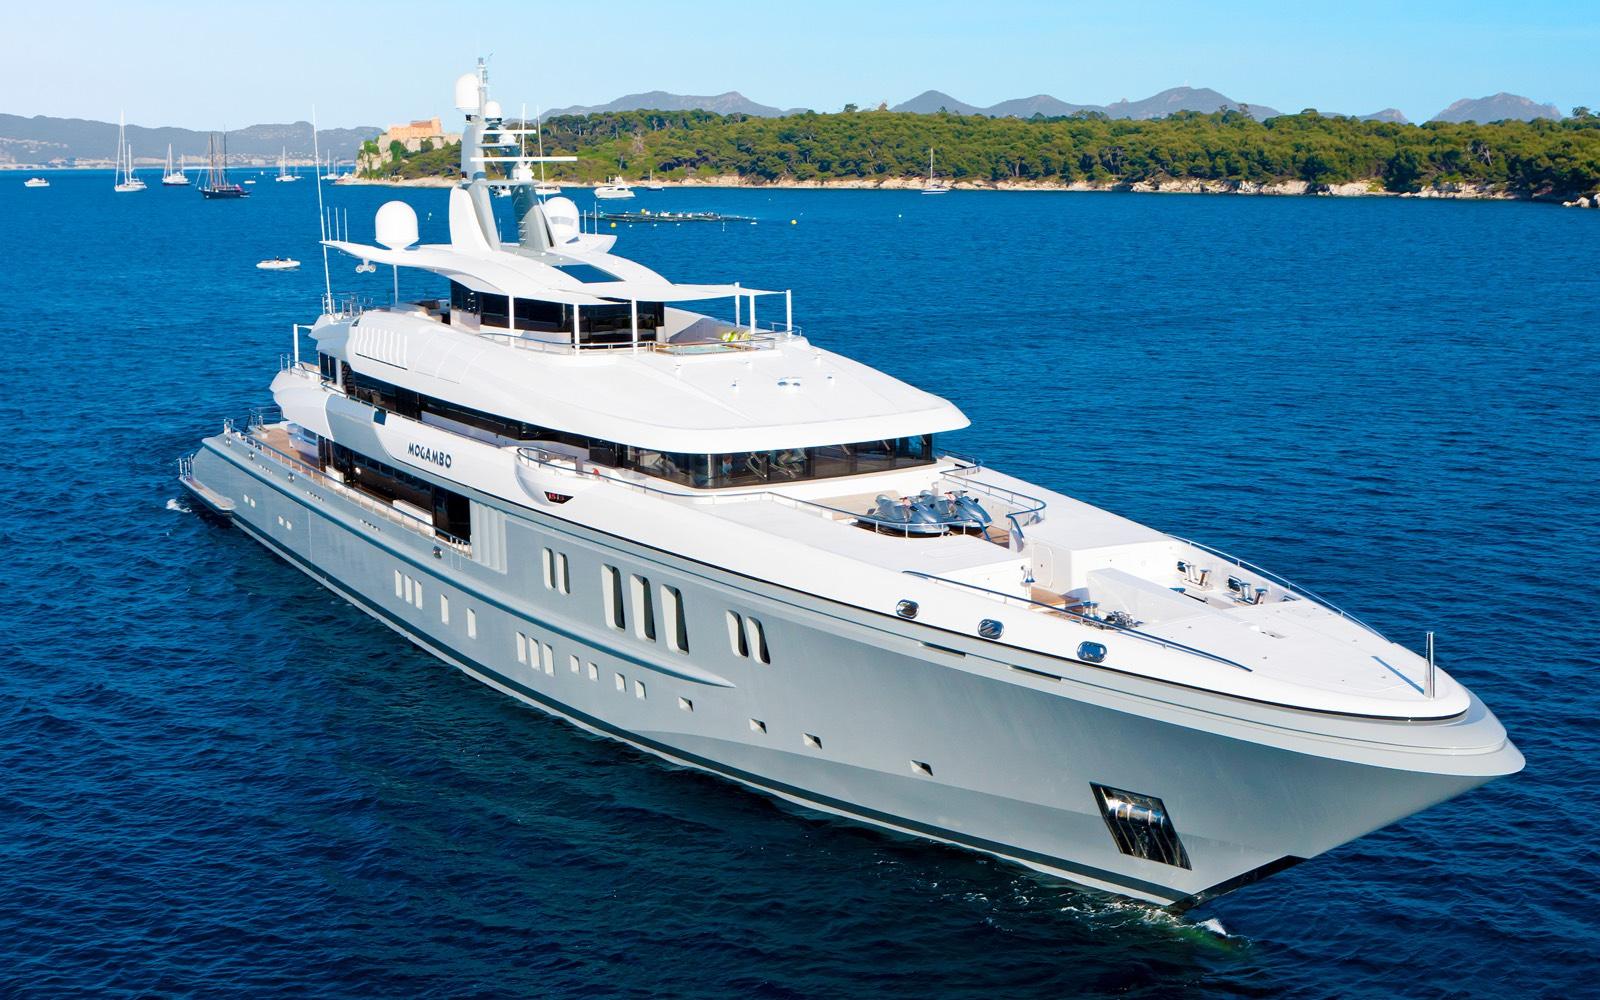 Motor yacht Mogambo